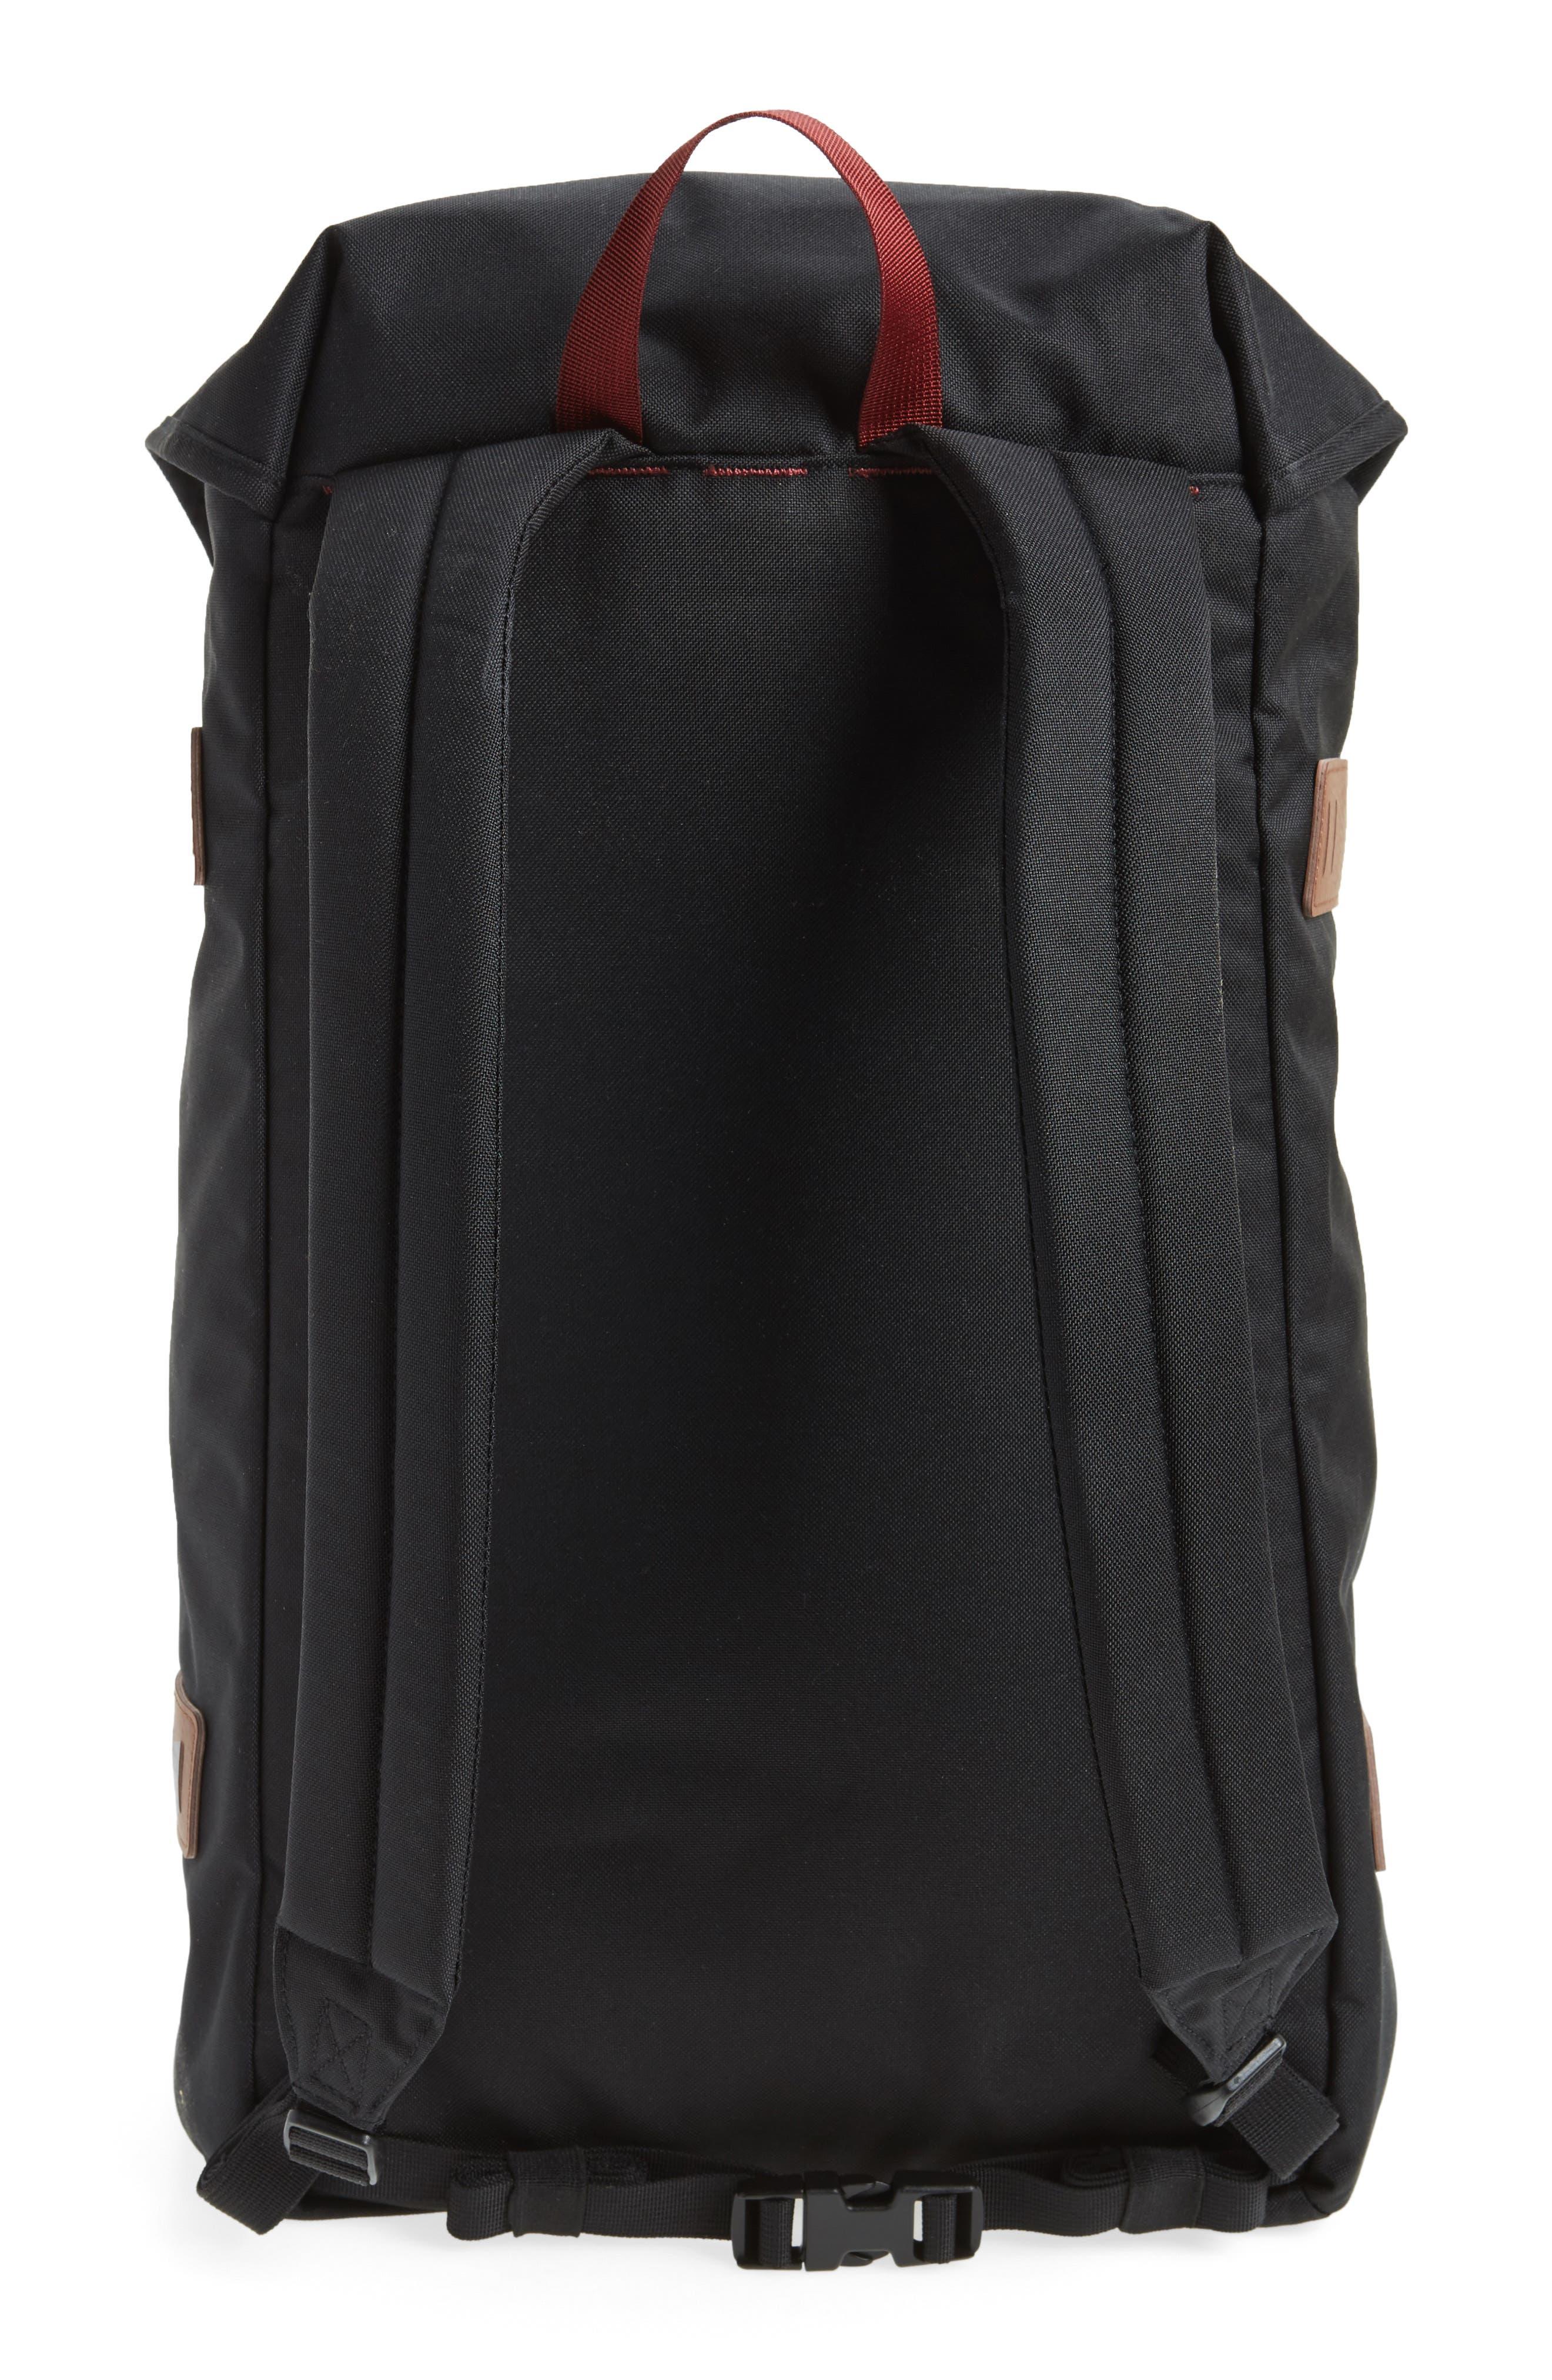 Arbor 26-Liter Backpack,                             Alternate thumbnail 3, color,                             001